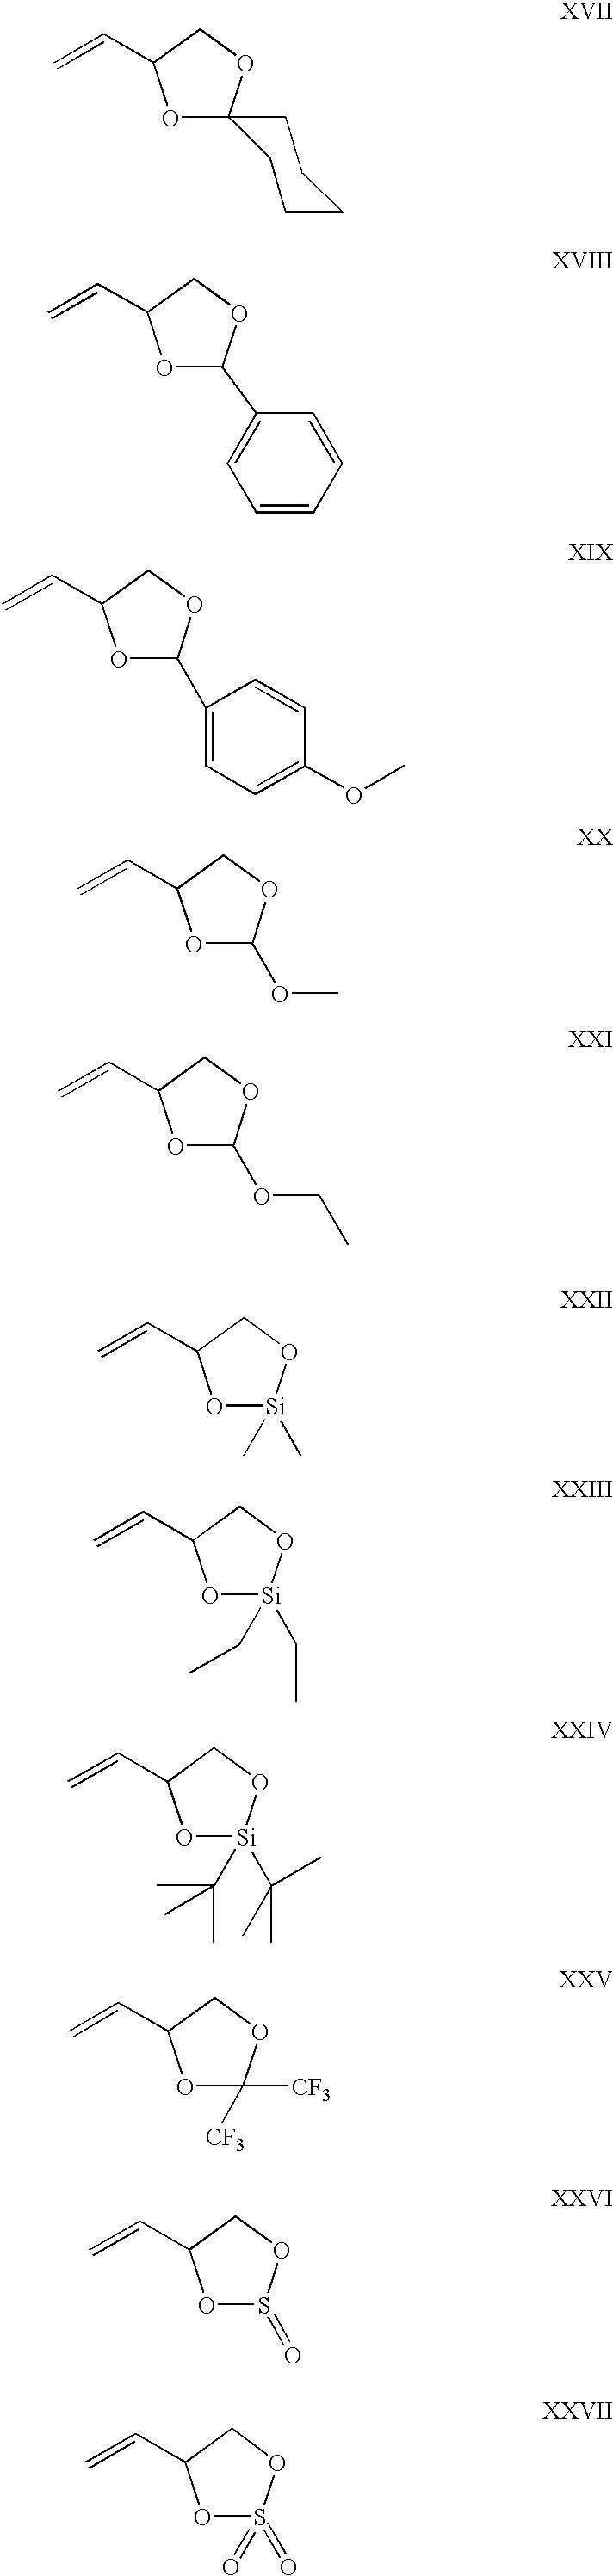 Figure US06608157-20030819-C00007